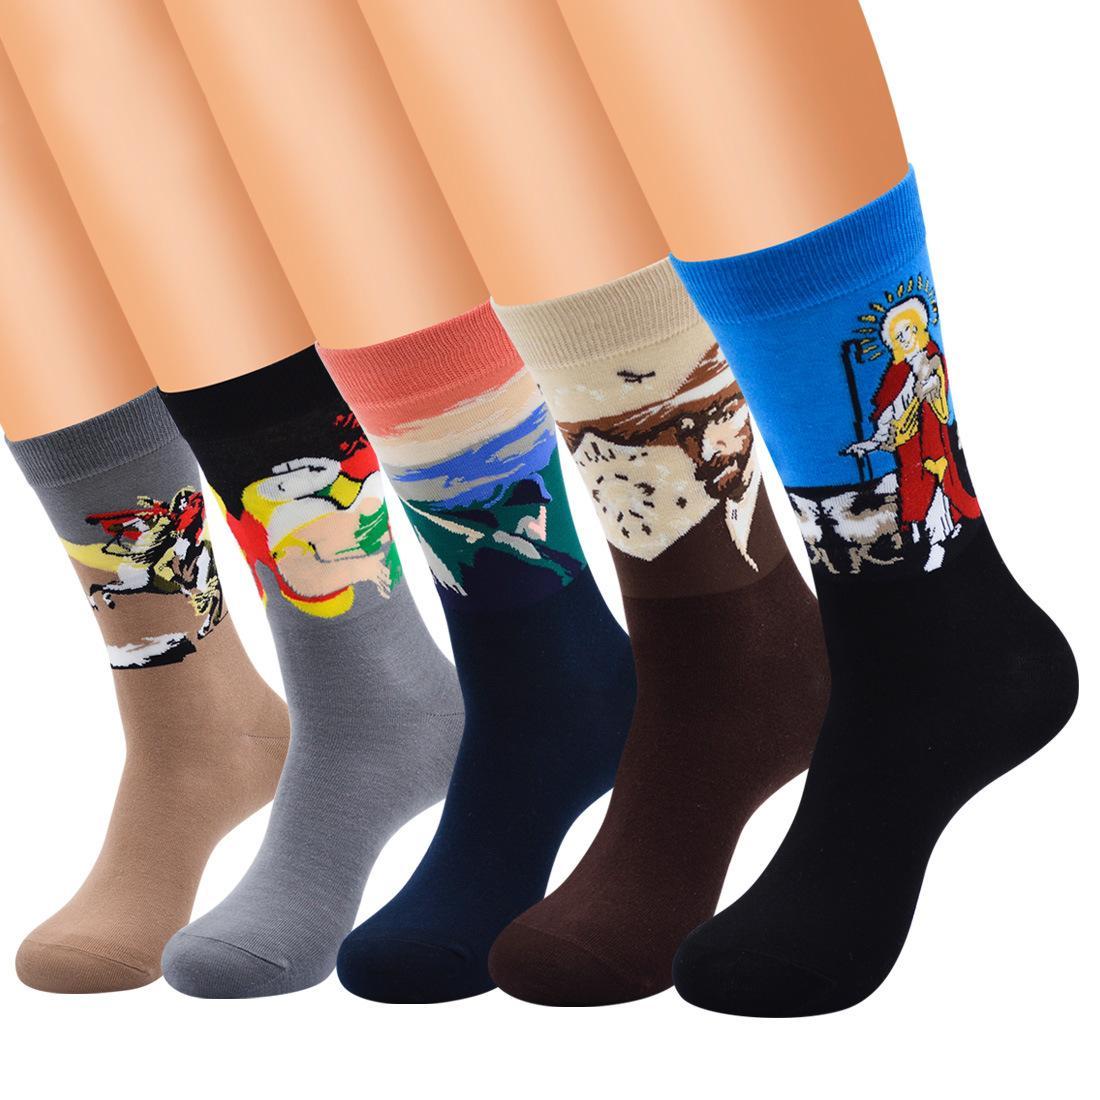 6 accoppiamenti mens arte retrò famoso dipinto arte stampato divertente casual calze di cotone crew personalità calze pittura a olio maschile